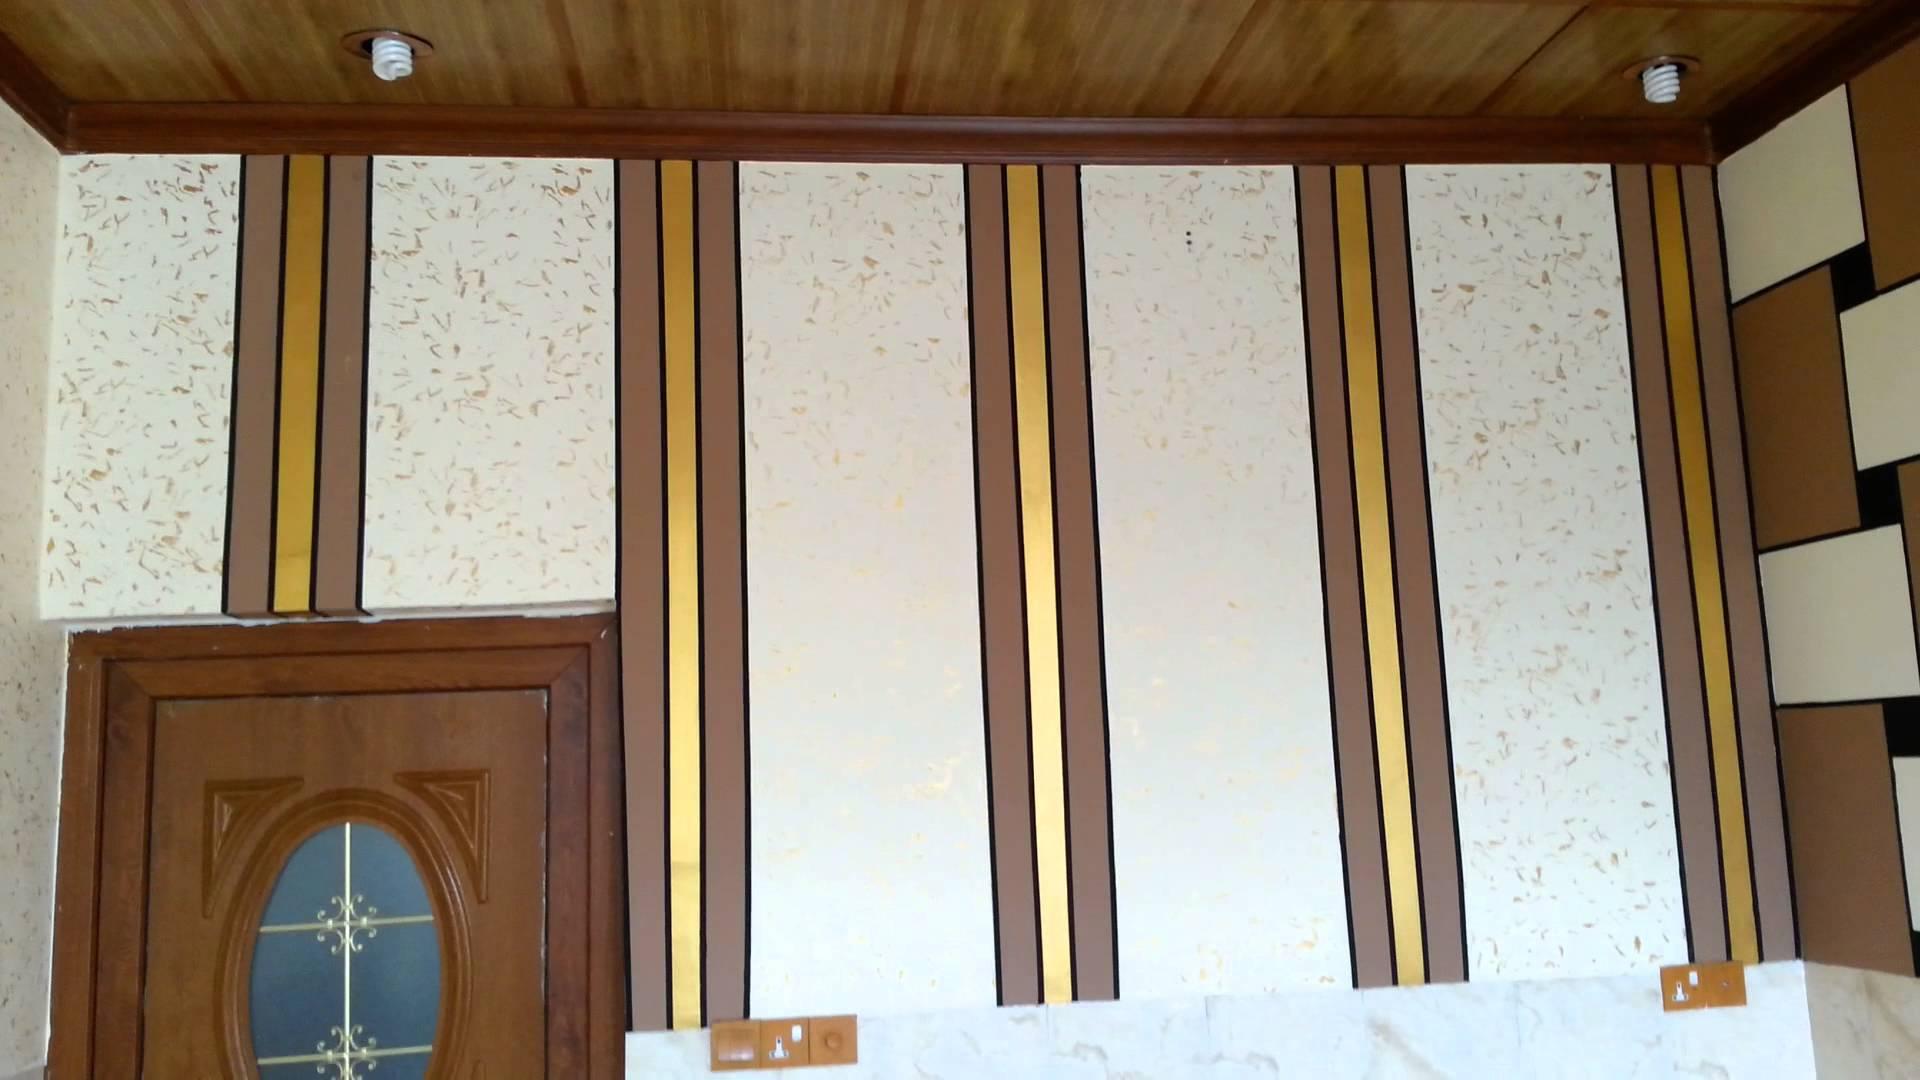 بالصور تغليف جدران , الوان جدران جديدة وحلوة 421 2